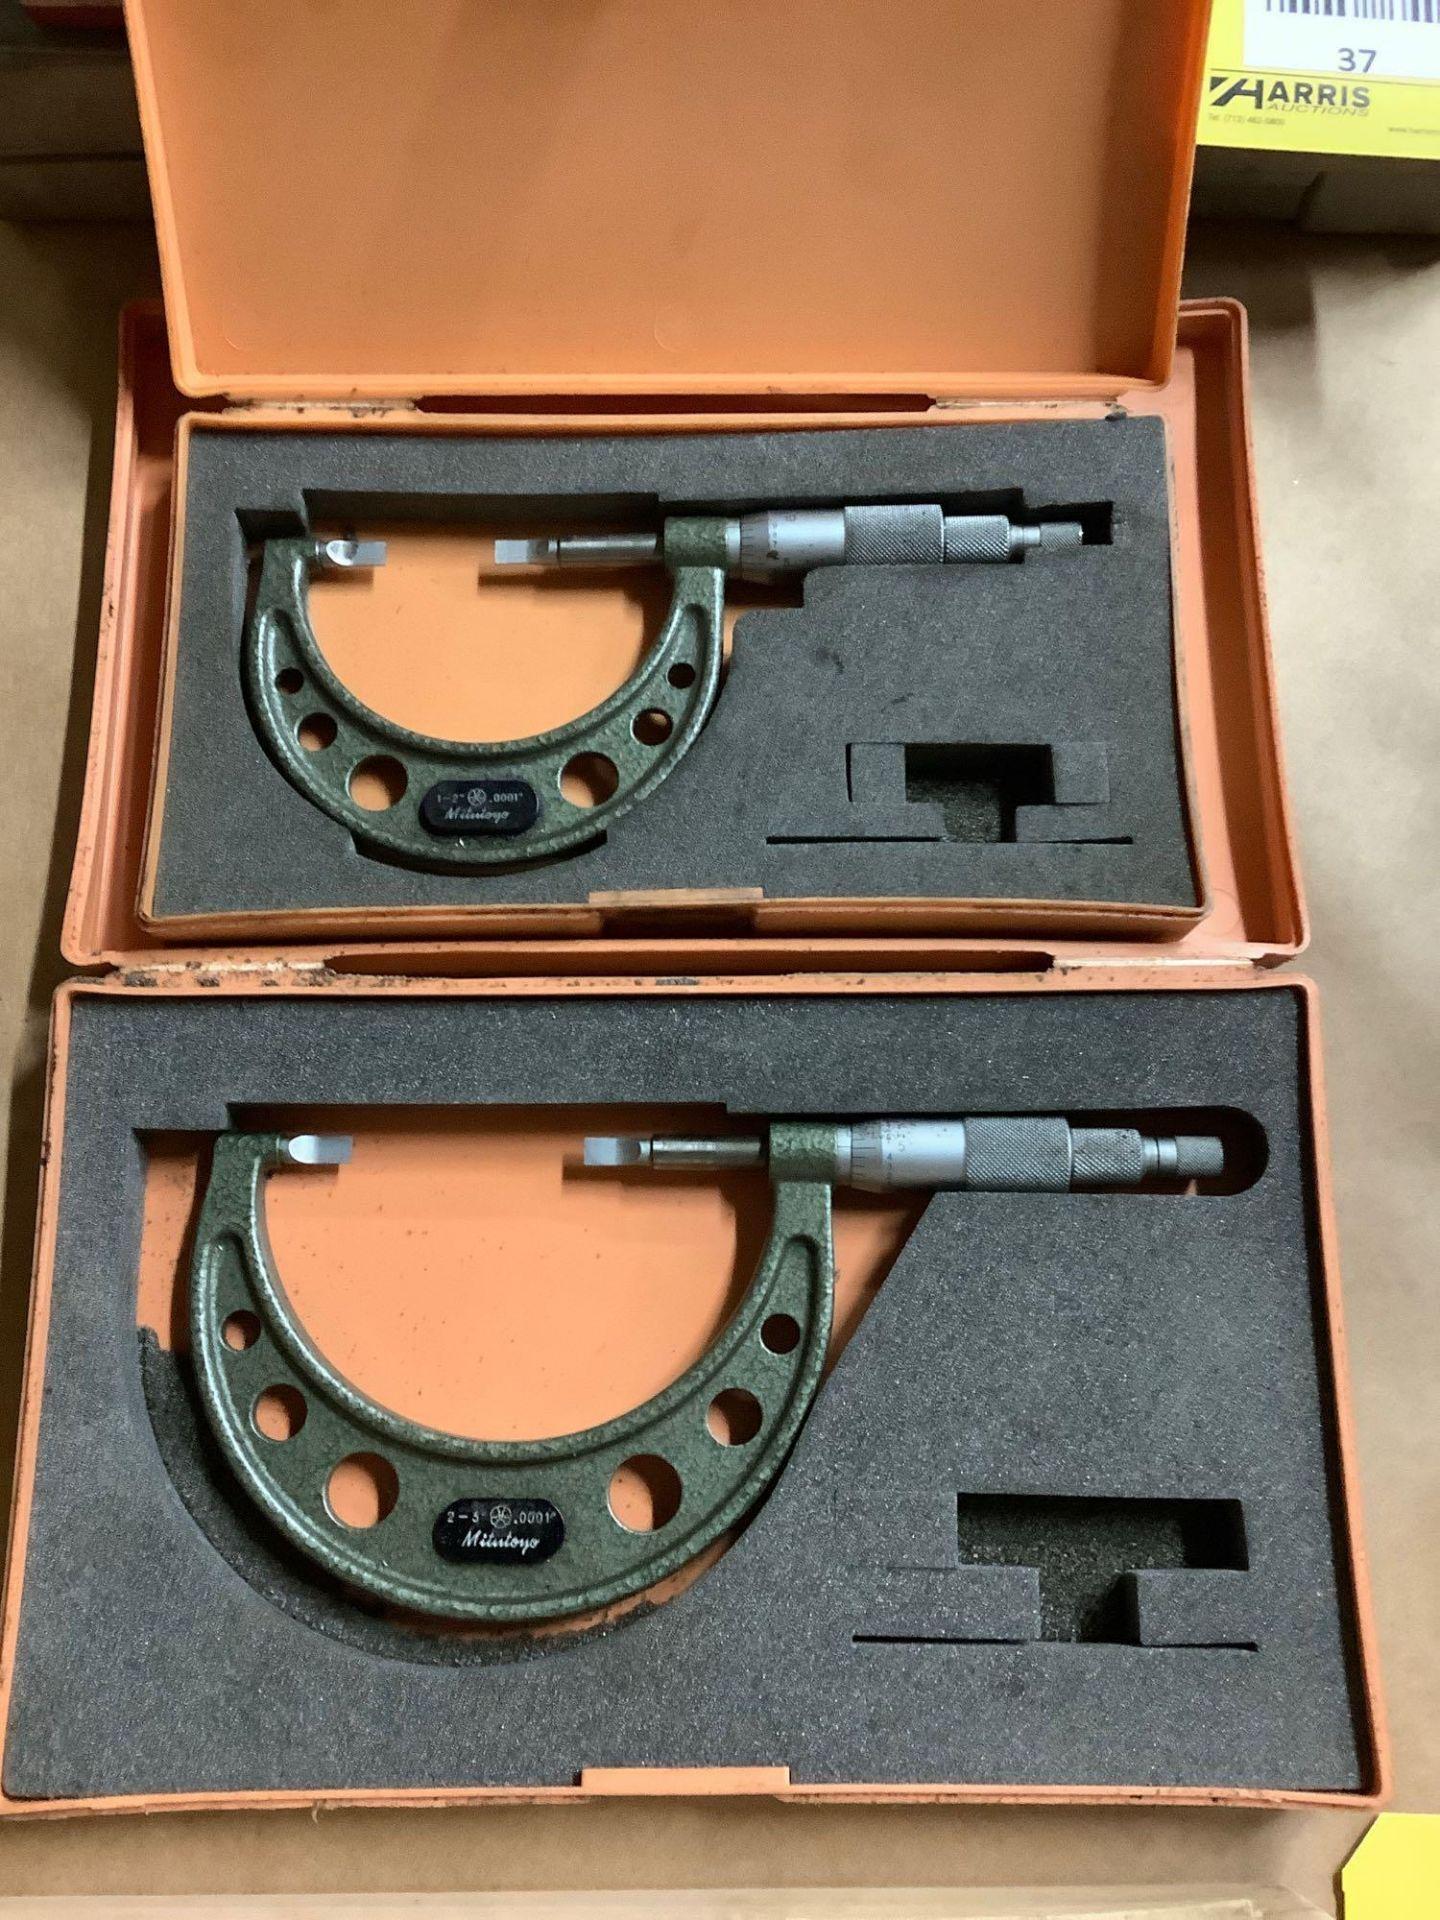 Lot of 2 Mitutoyo Blade Micrometers